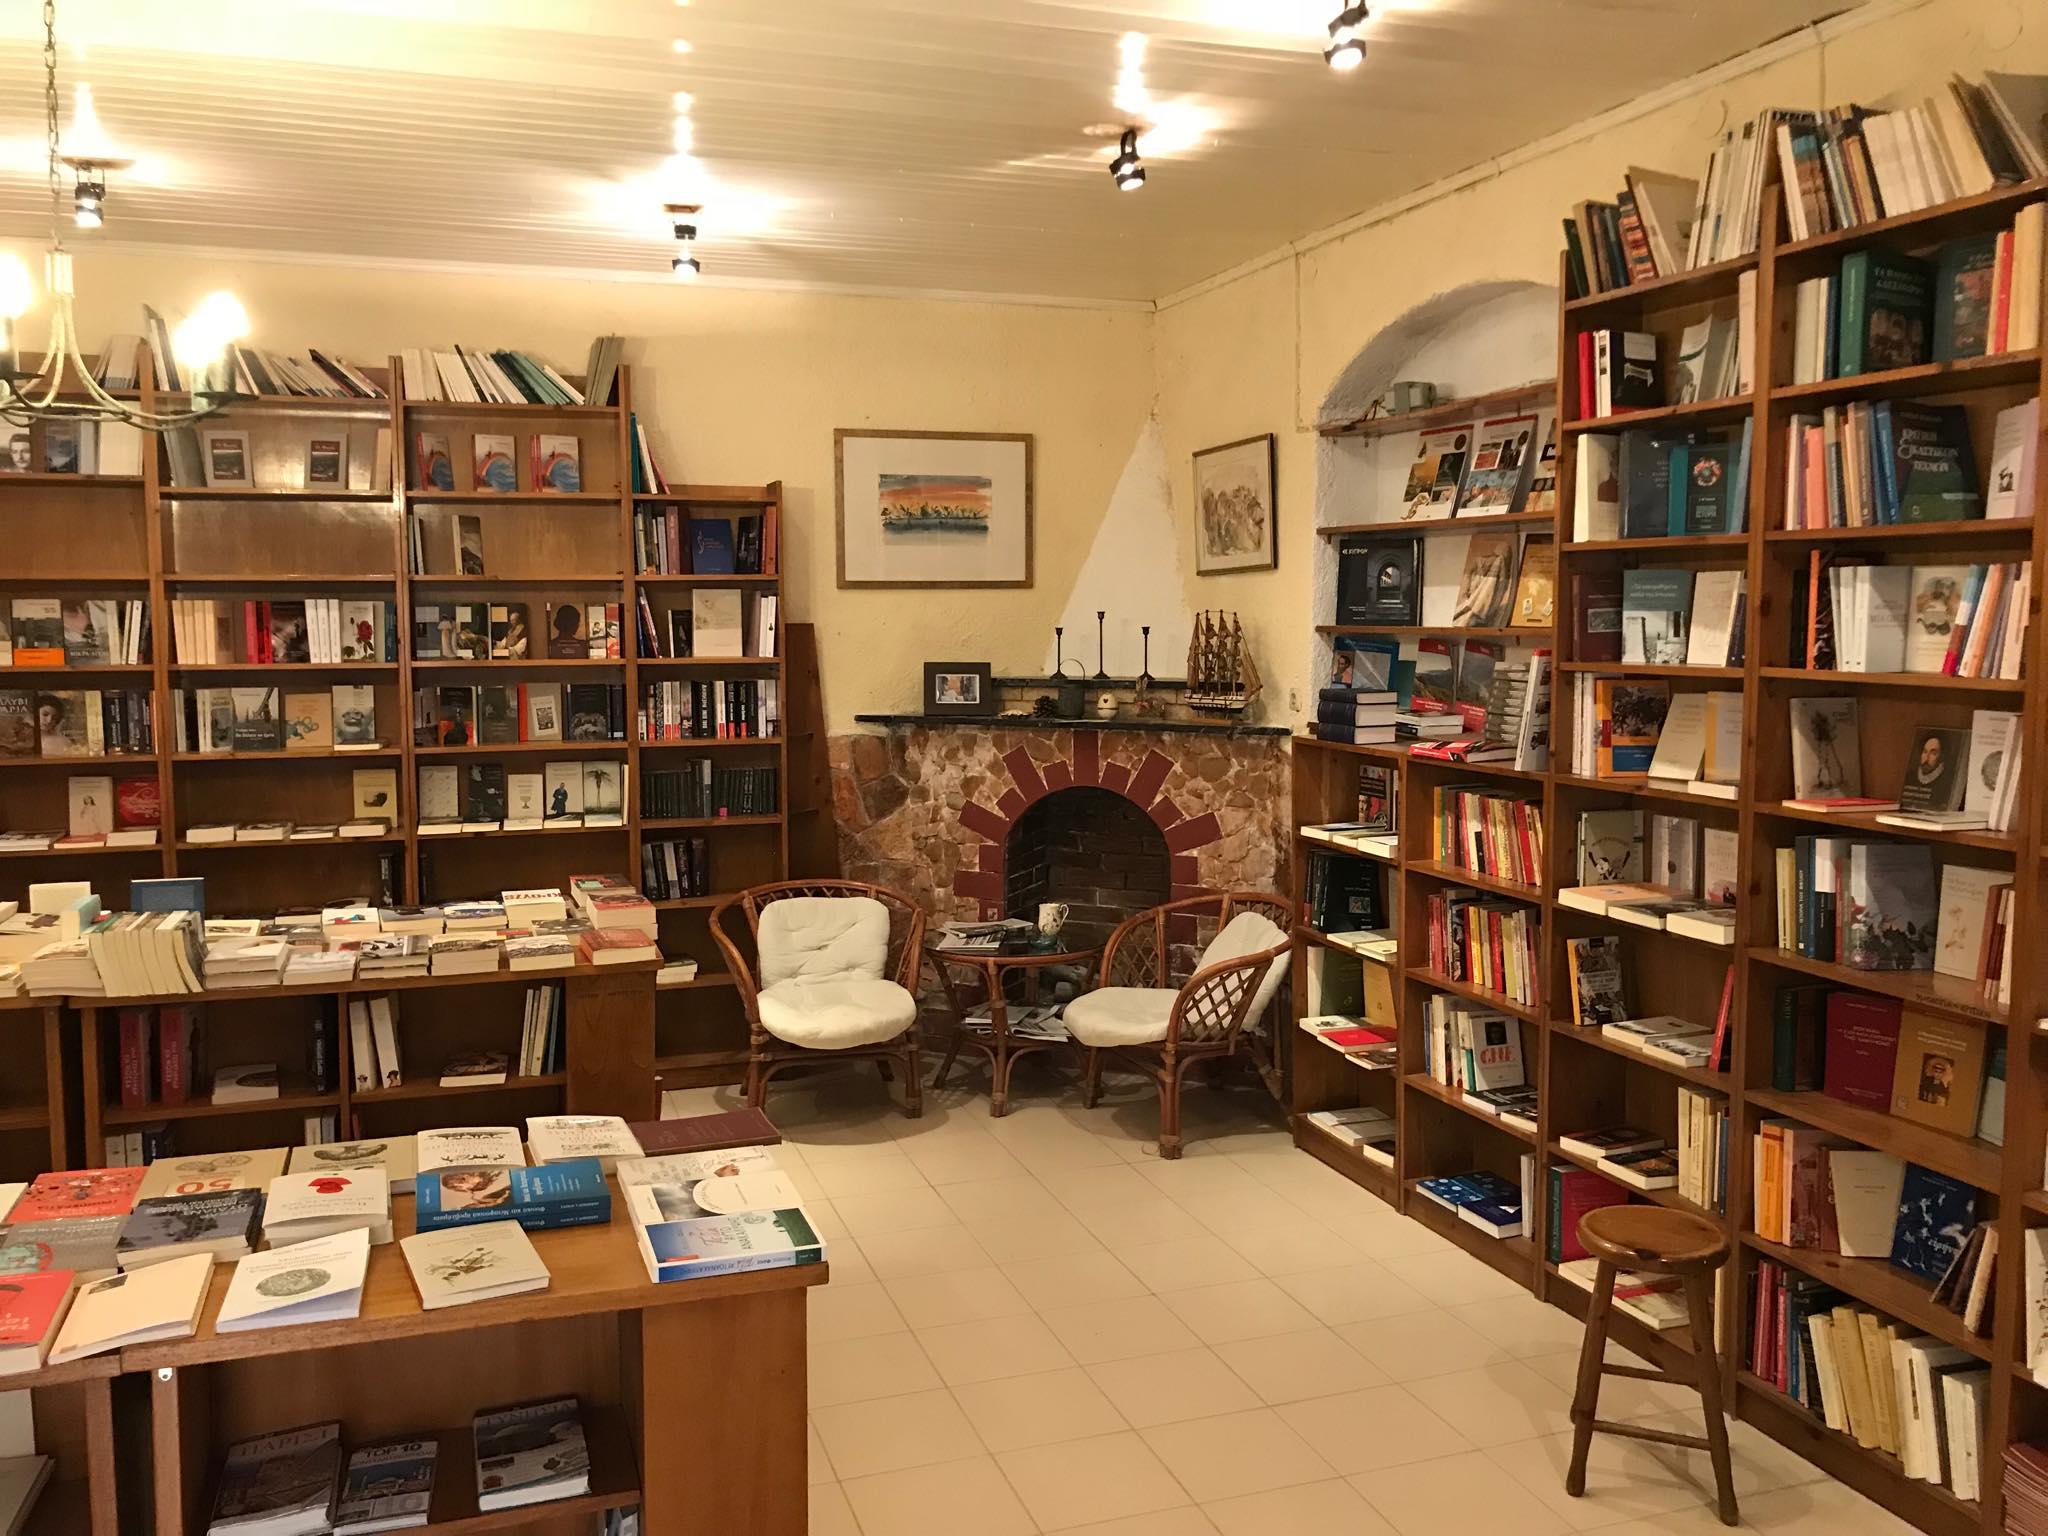 Τέλος εποχής για το βιβλιοπωλείο «Απόστροφος» της Κέρκυρας   ΕΝΗΜΕΡΩΣΗ Corfu  Κέρκυρα News